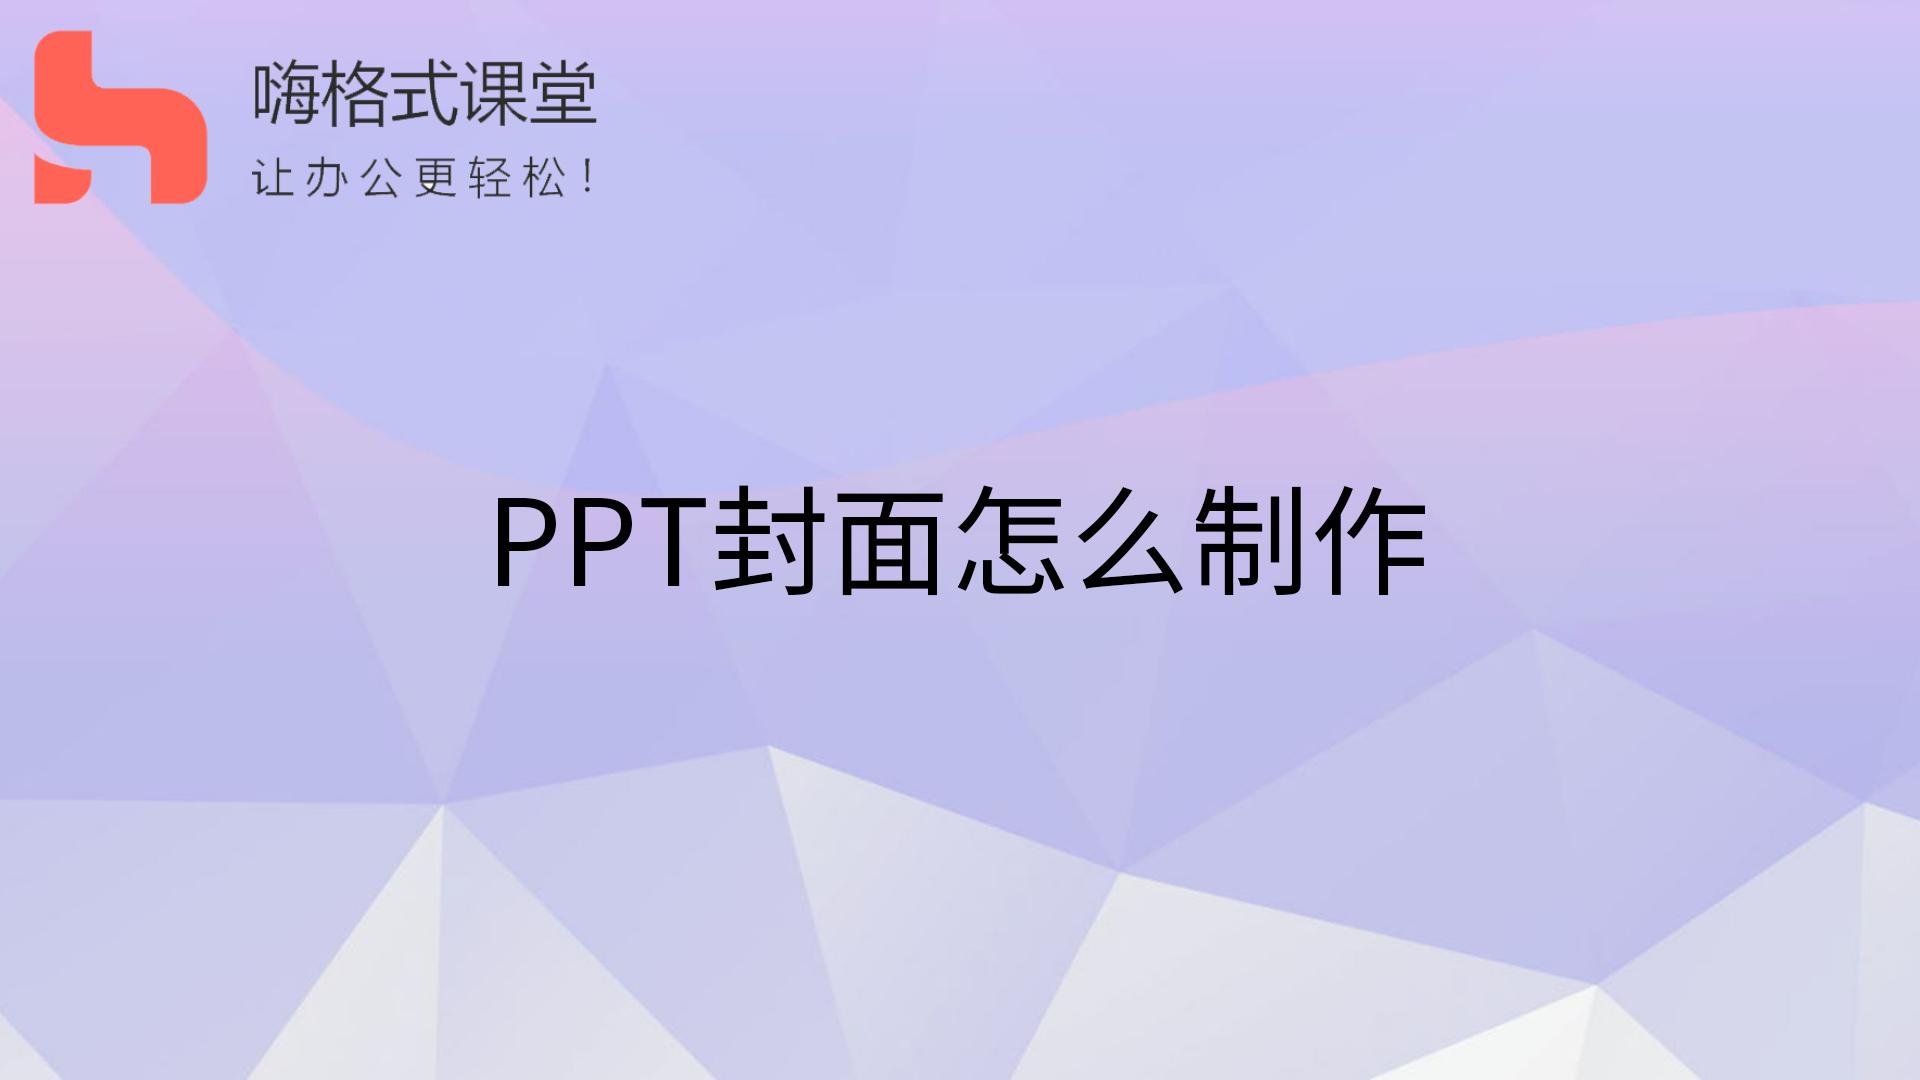 PPT封面怎么制作